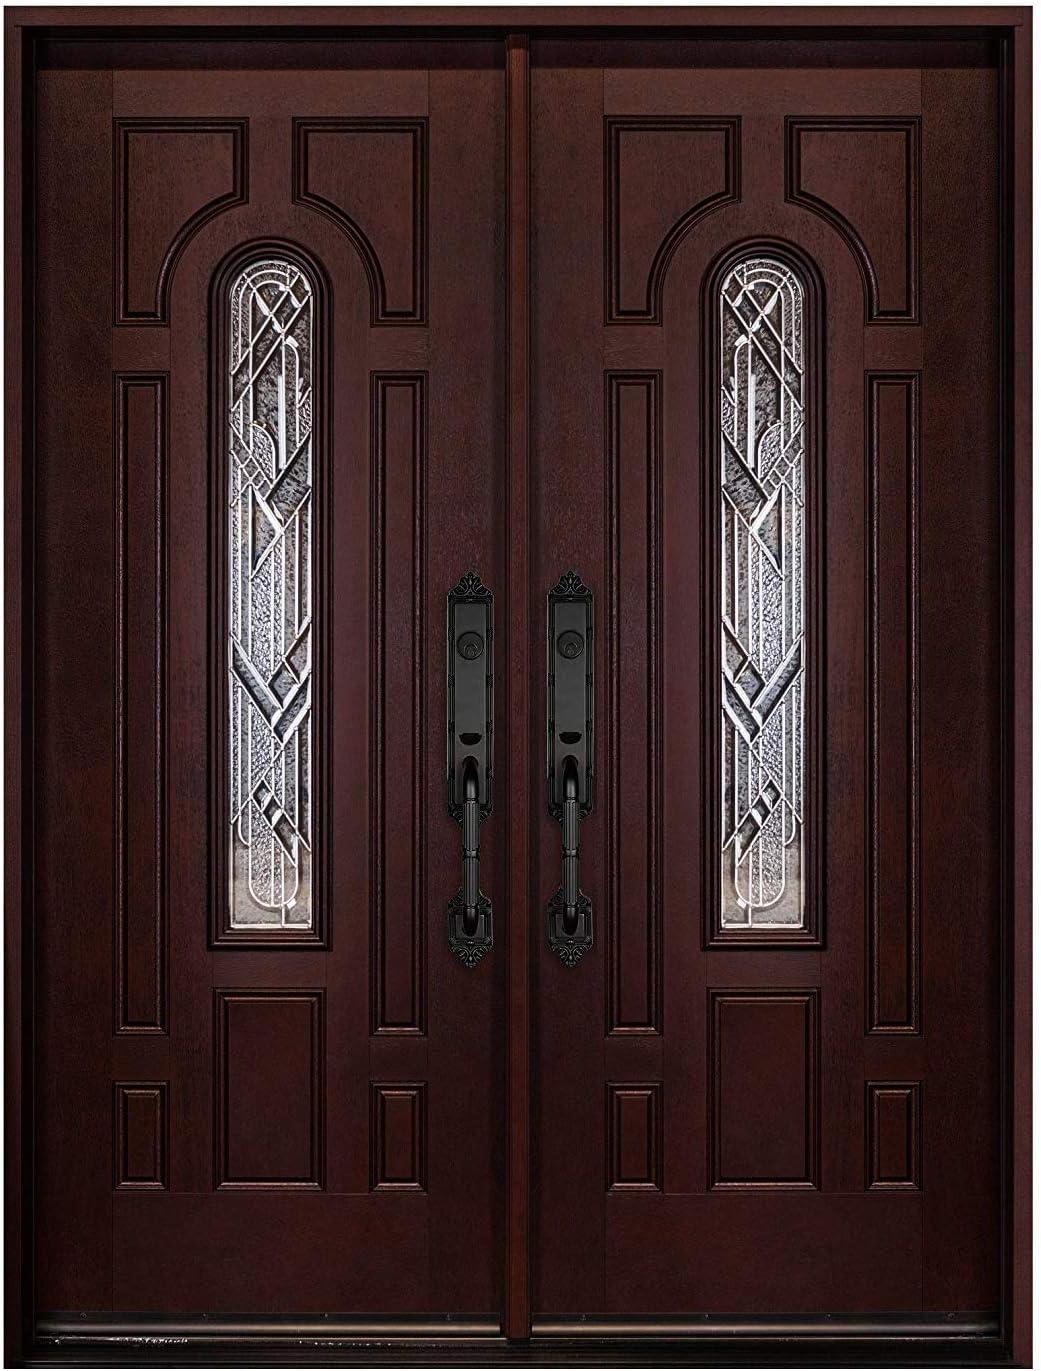 Double Door Fiberglass Prehung Front Door with Brickmould (Left-Hand, Double Doors 30x30x80)